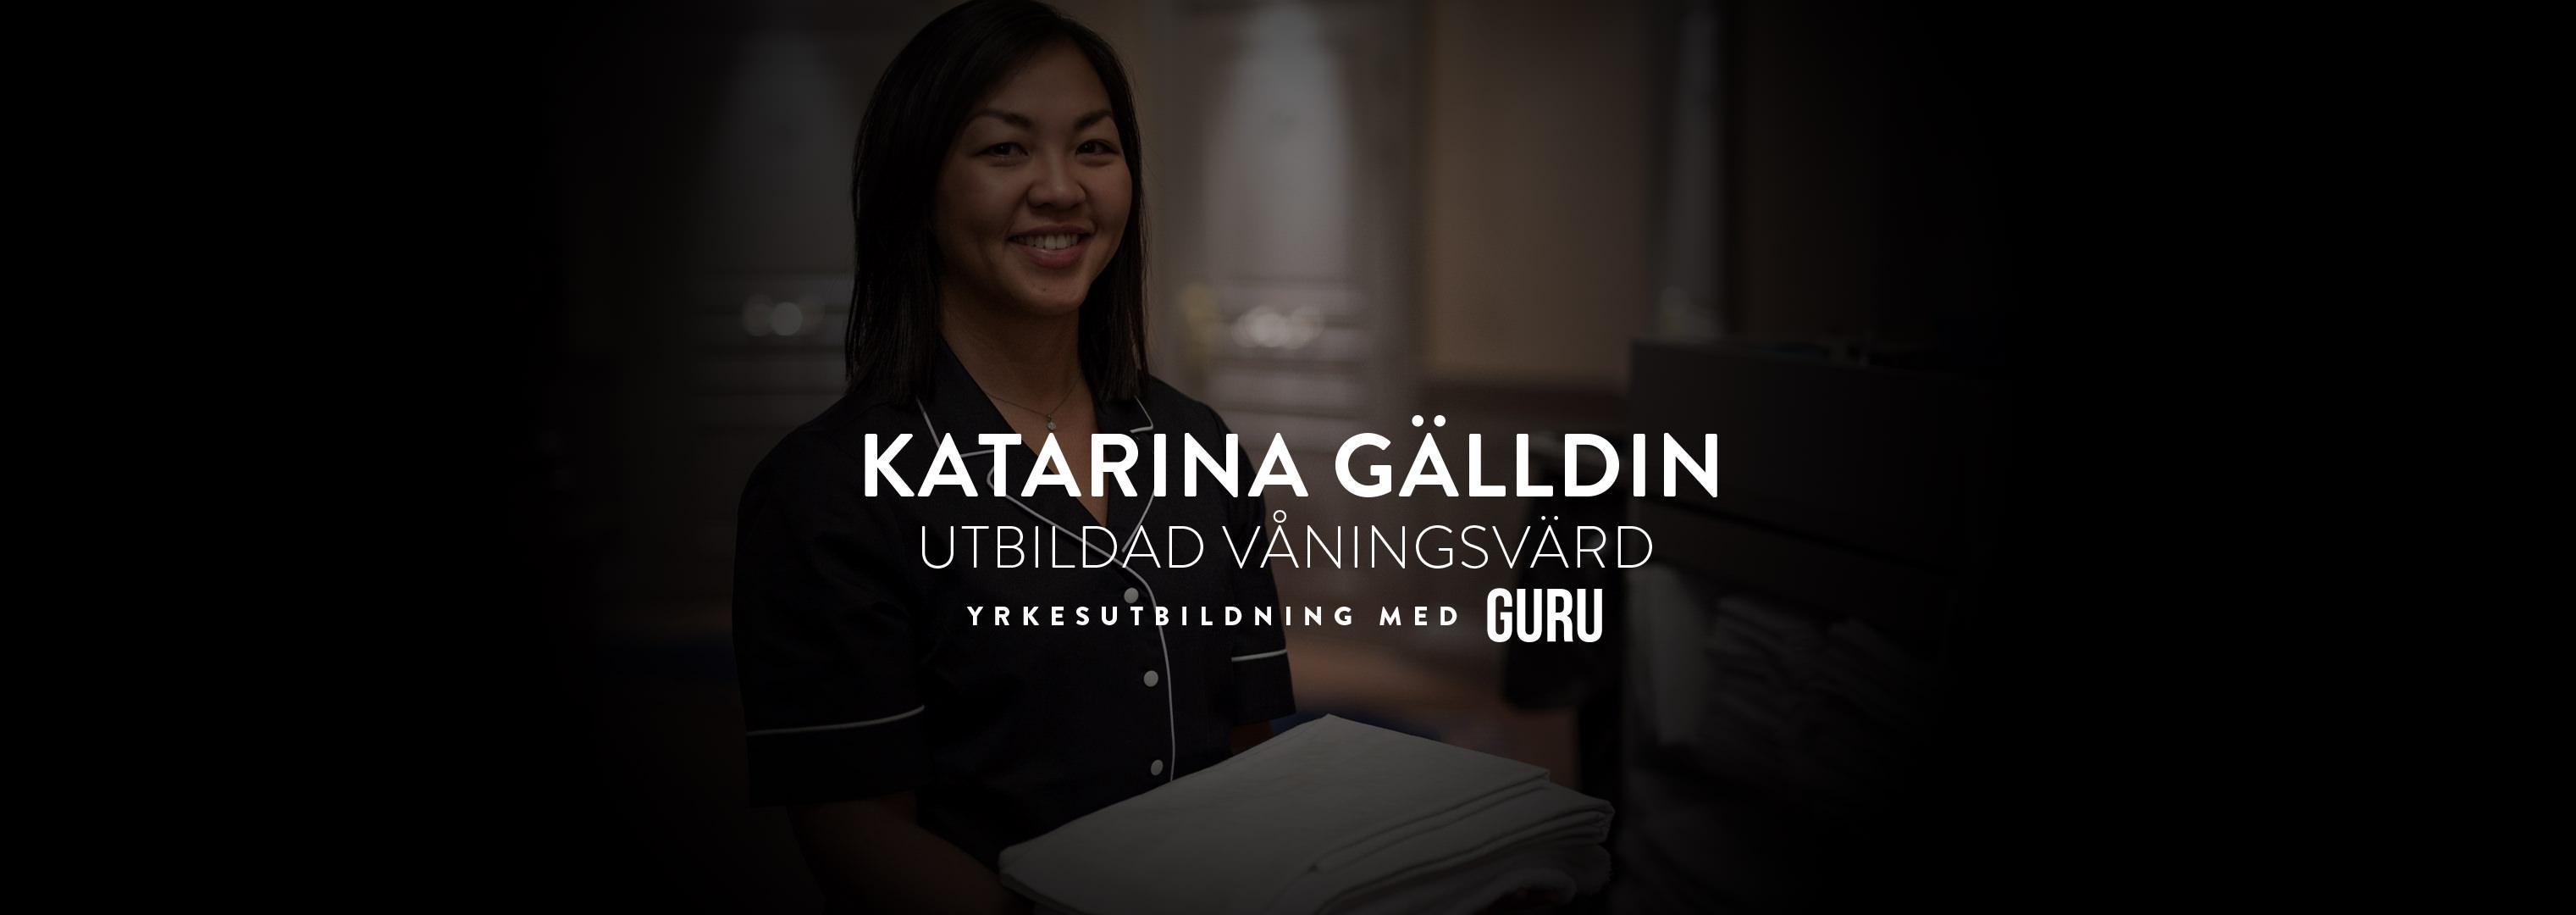 slider3-katarina-galldin